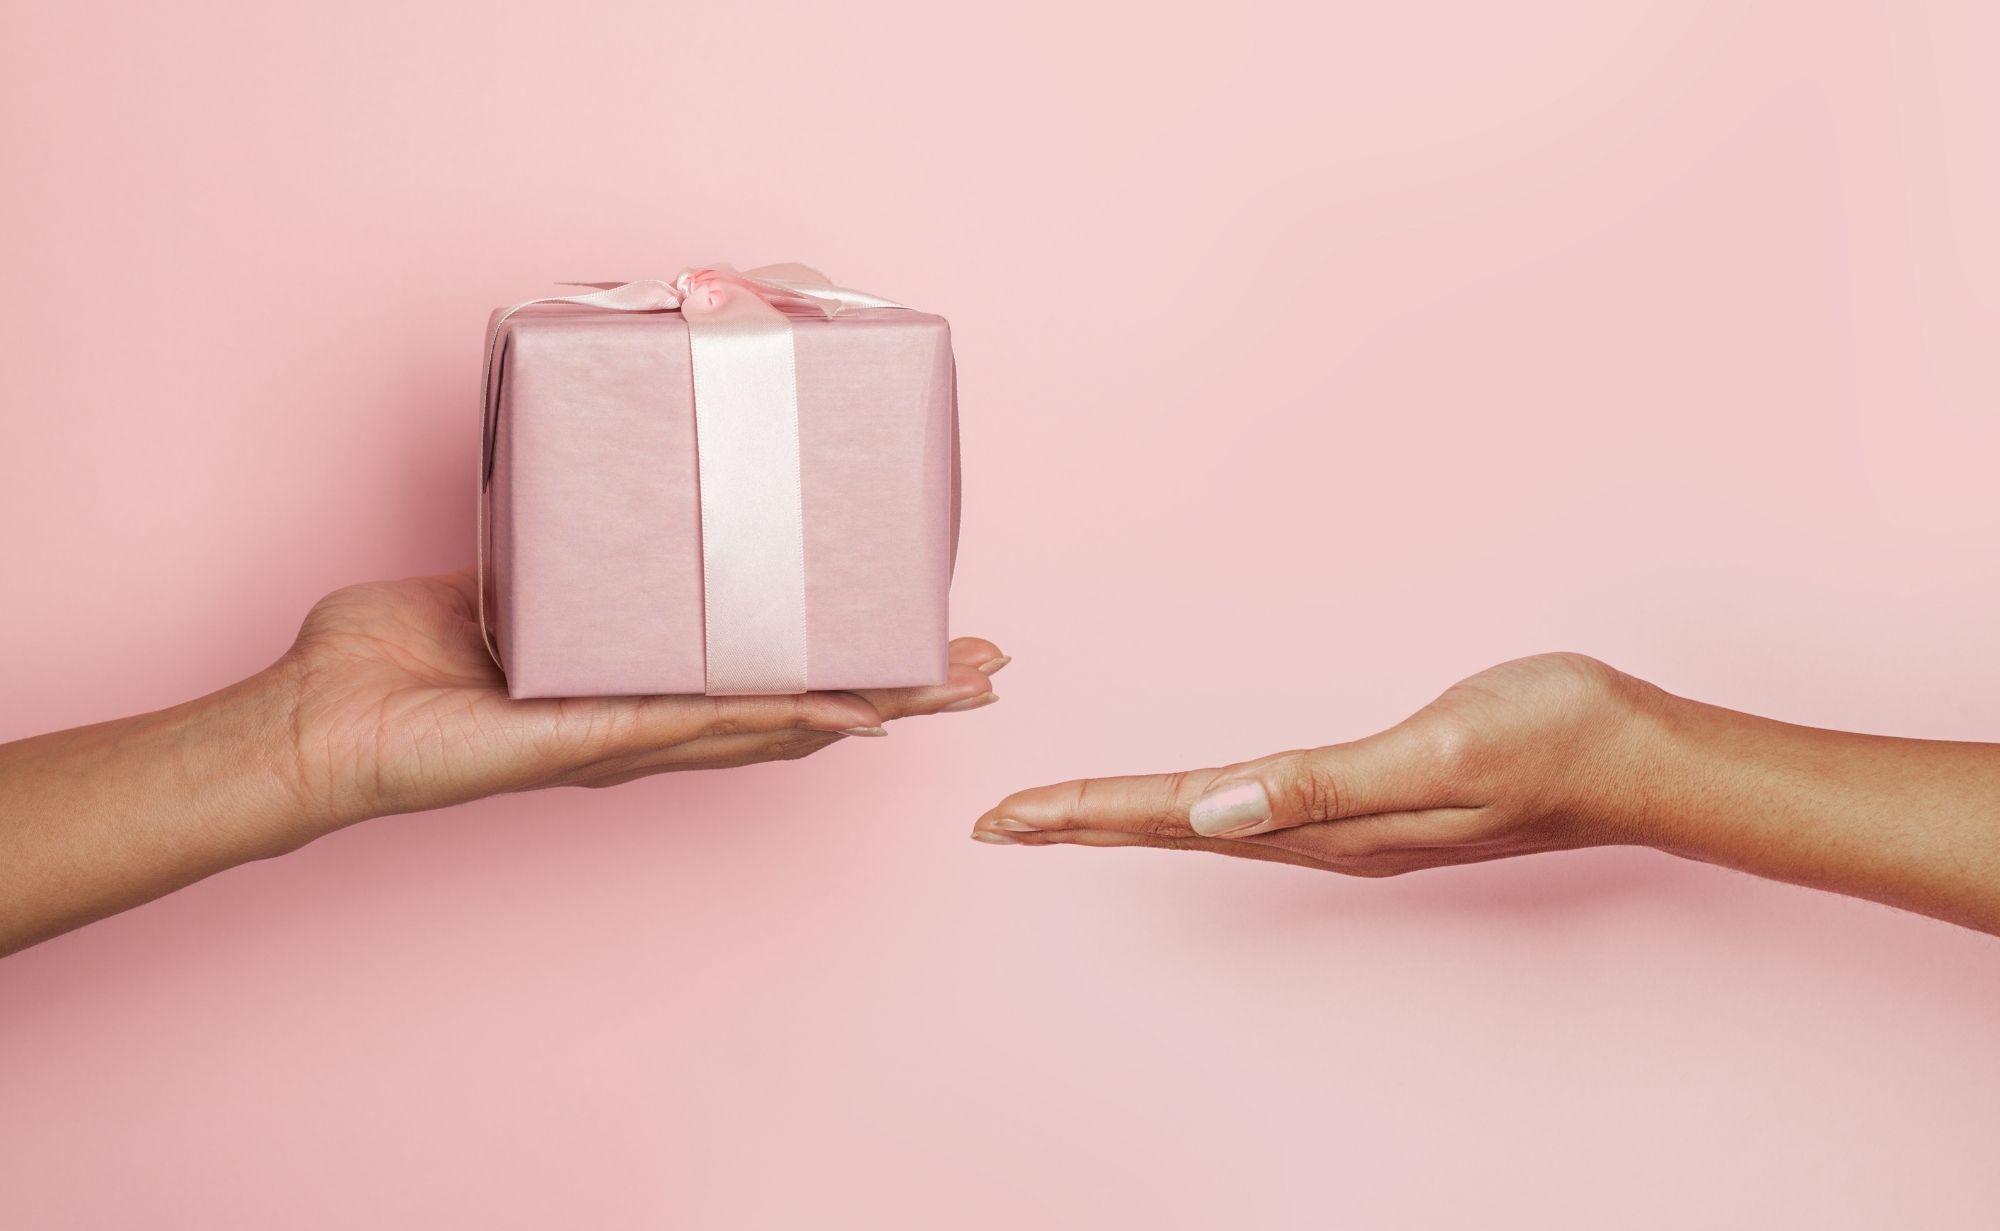 tratamientos-belleza-regalar